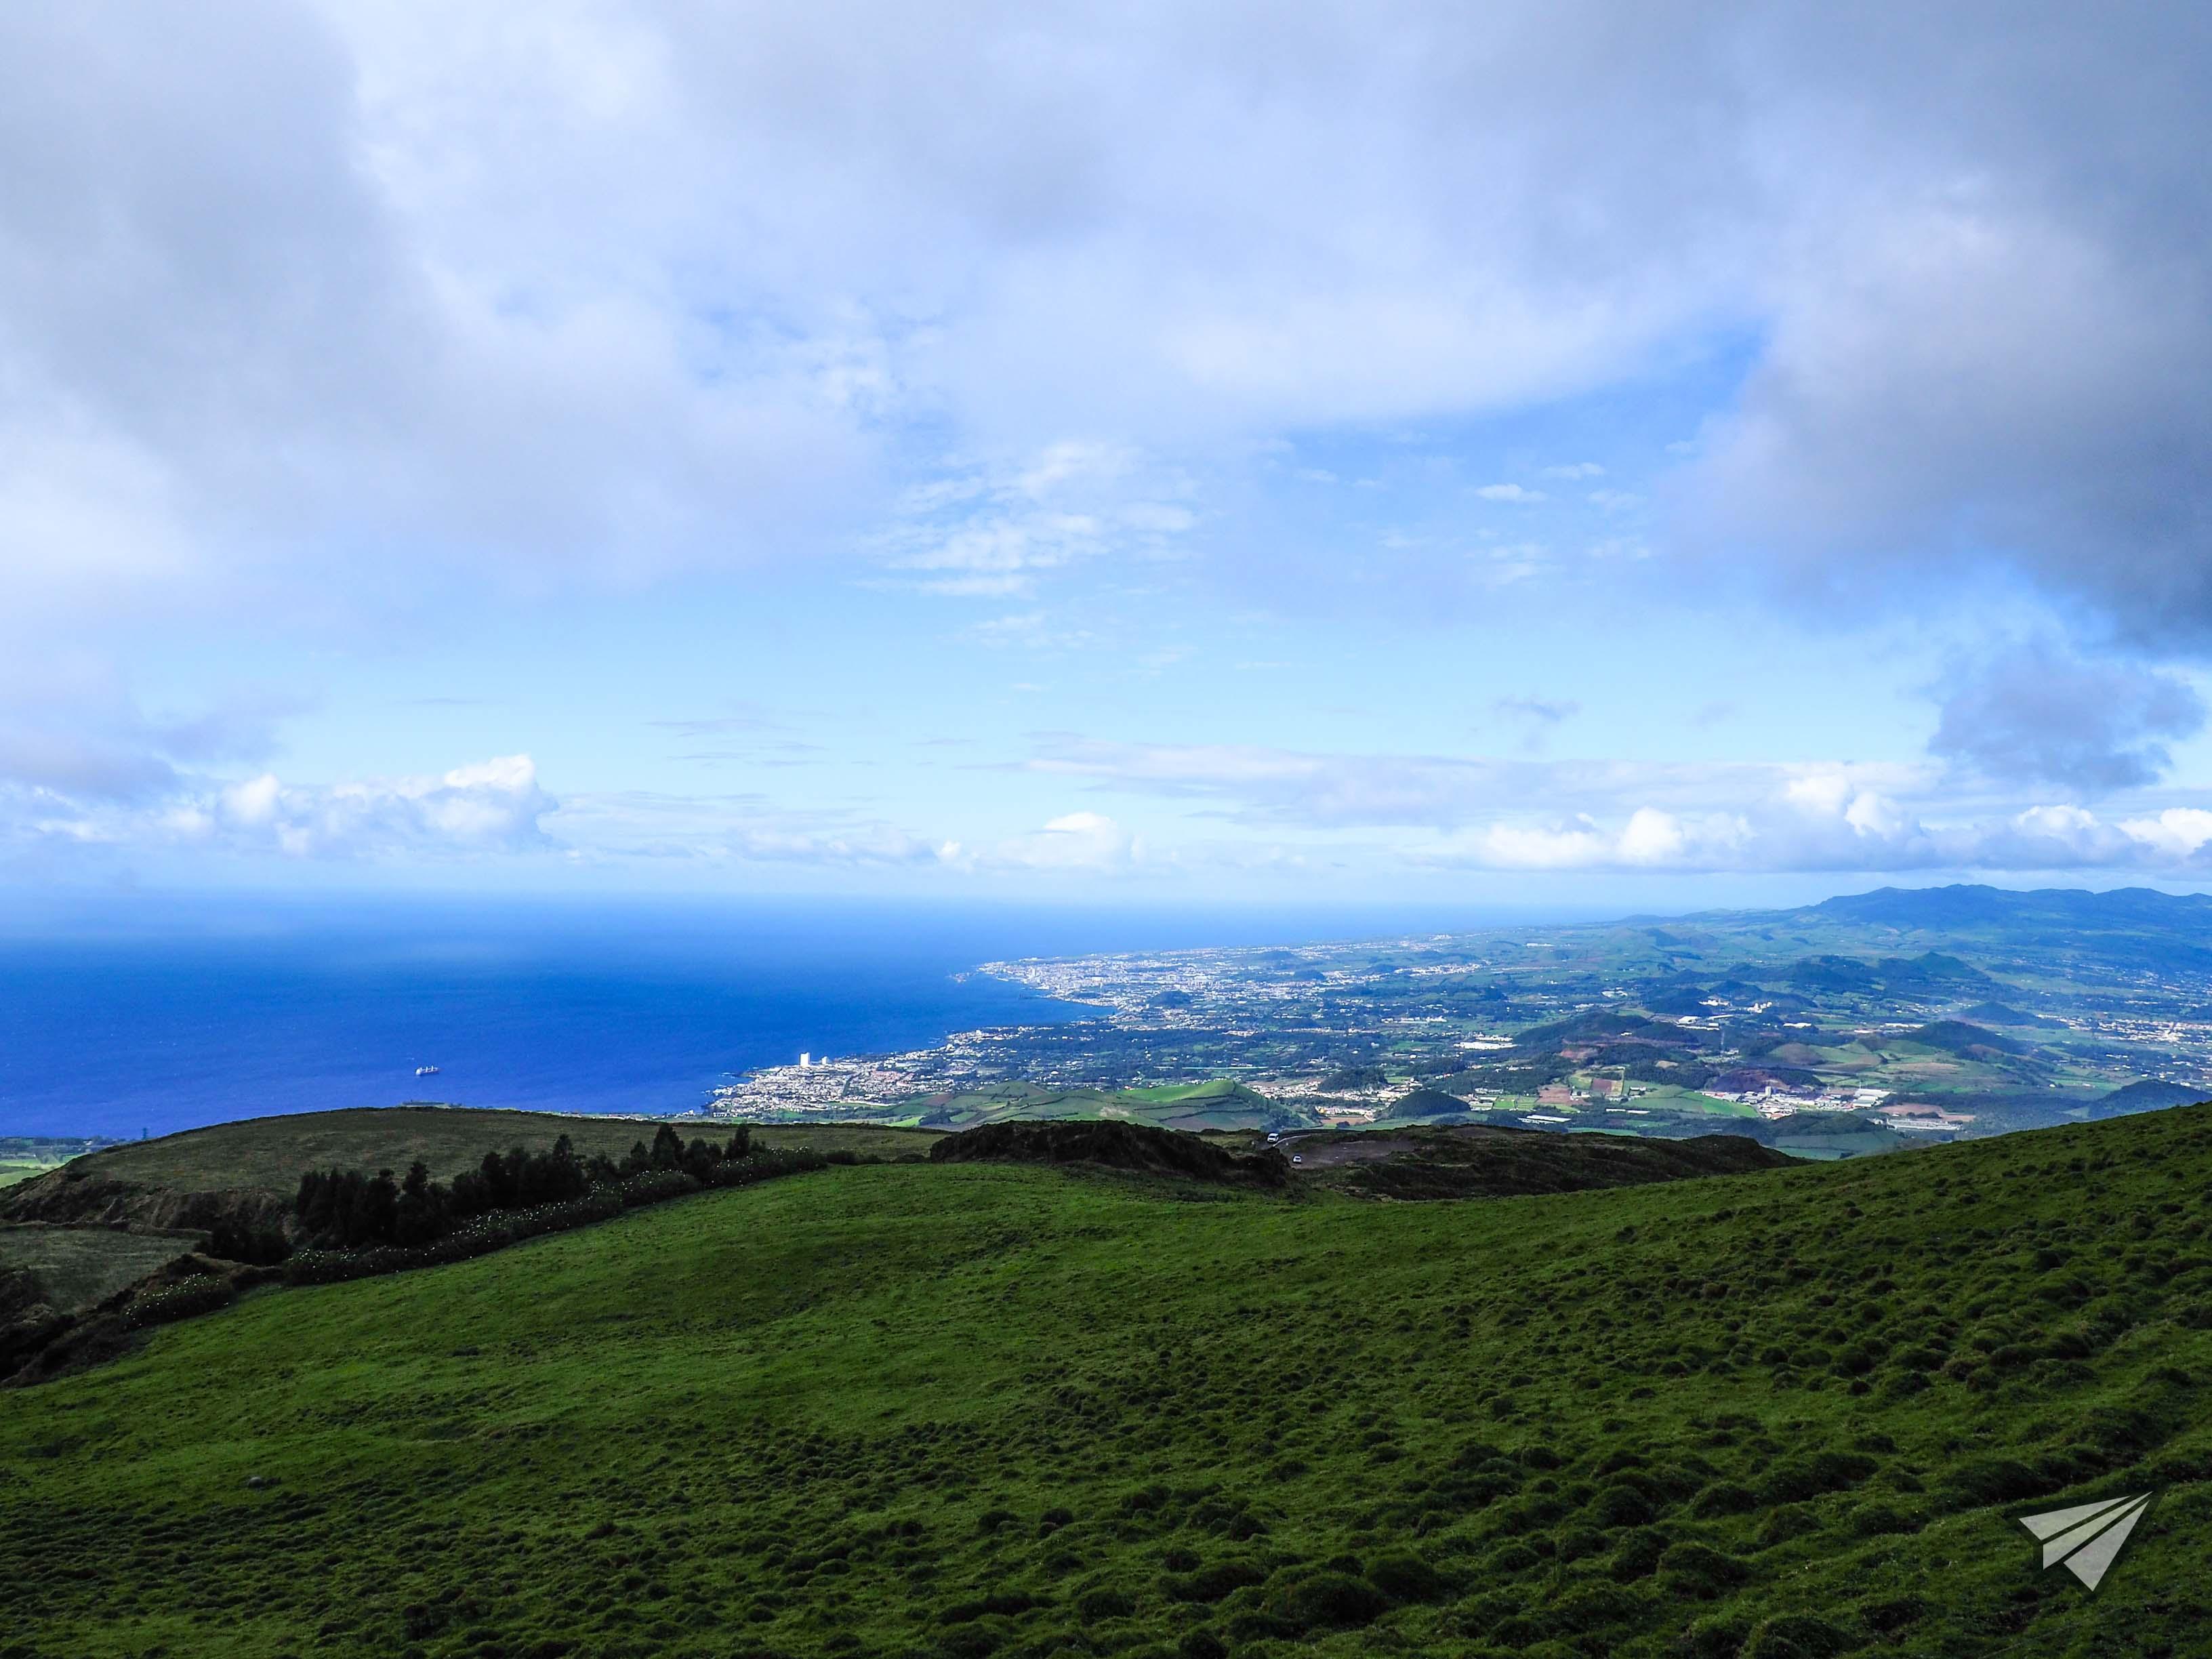 Miradouro do Pico da Barrosa юг